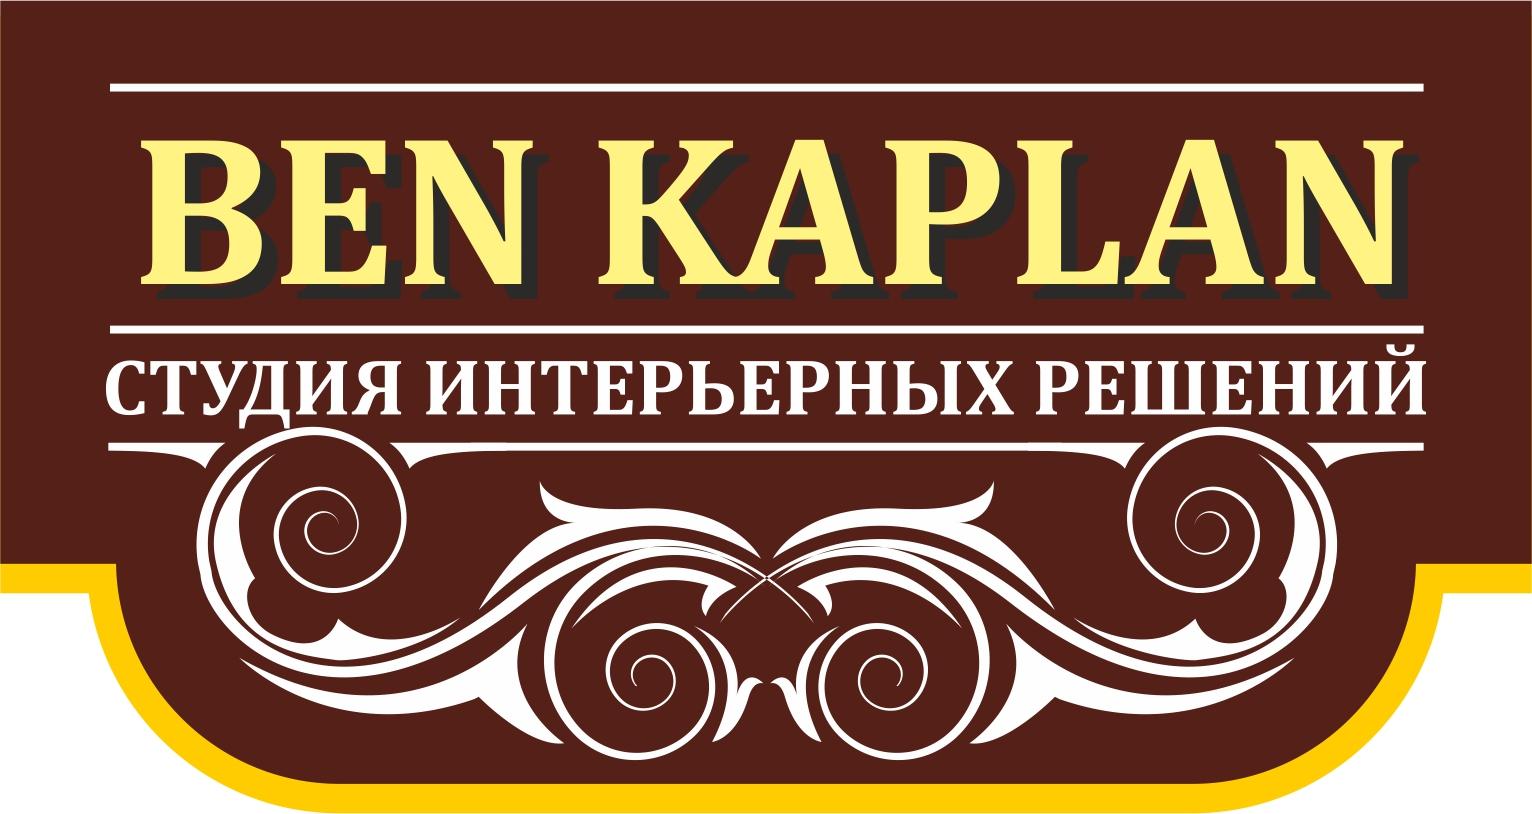 Ben-Kaplan